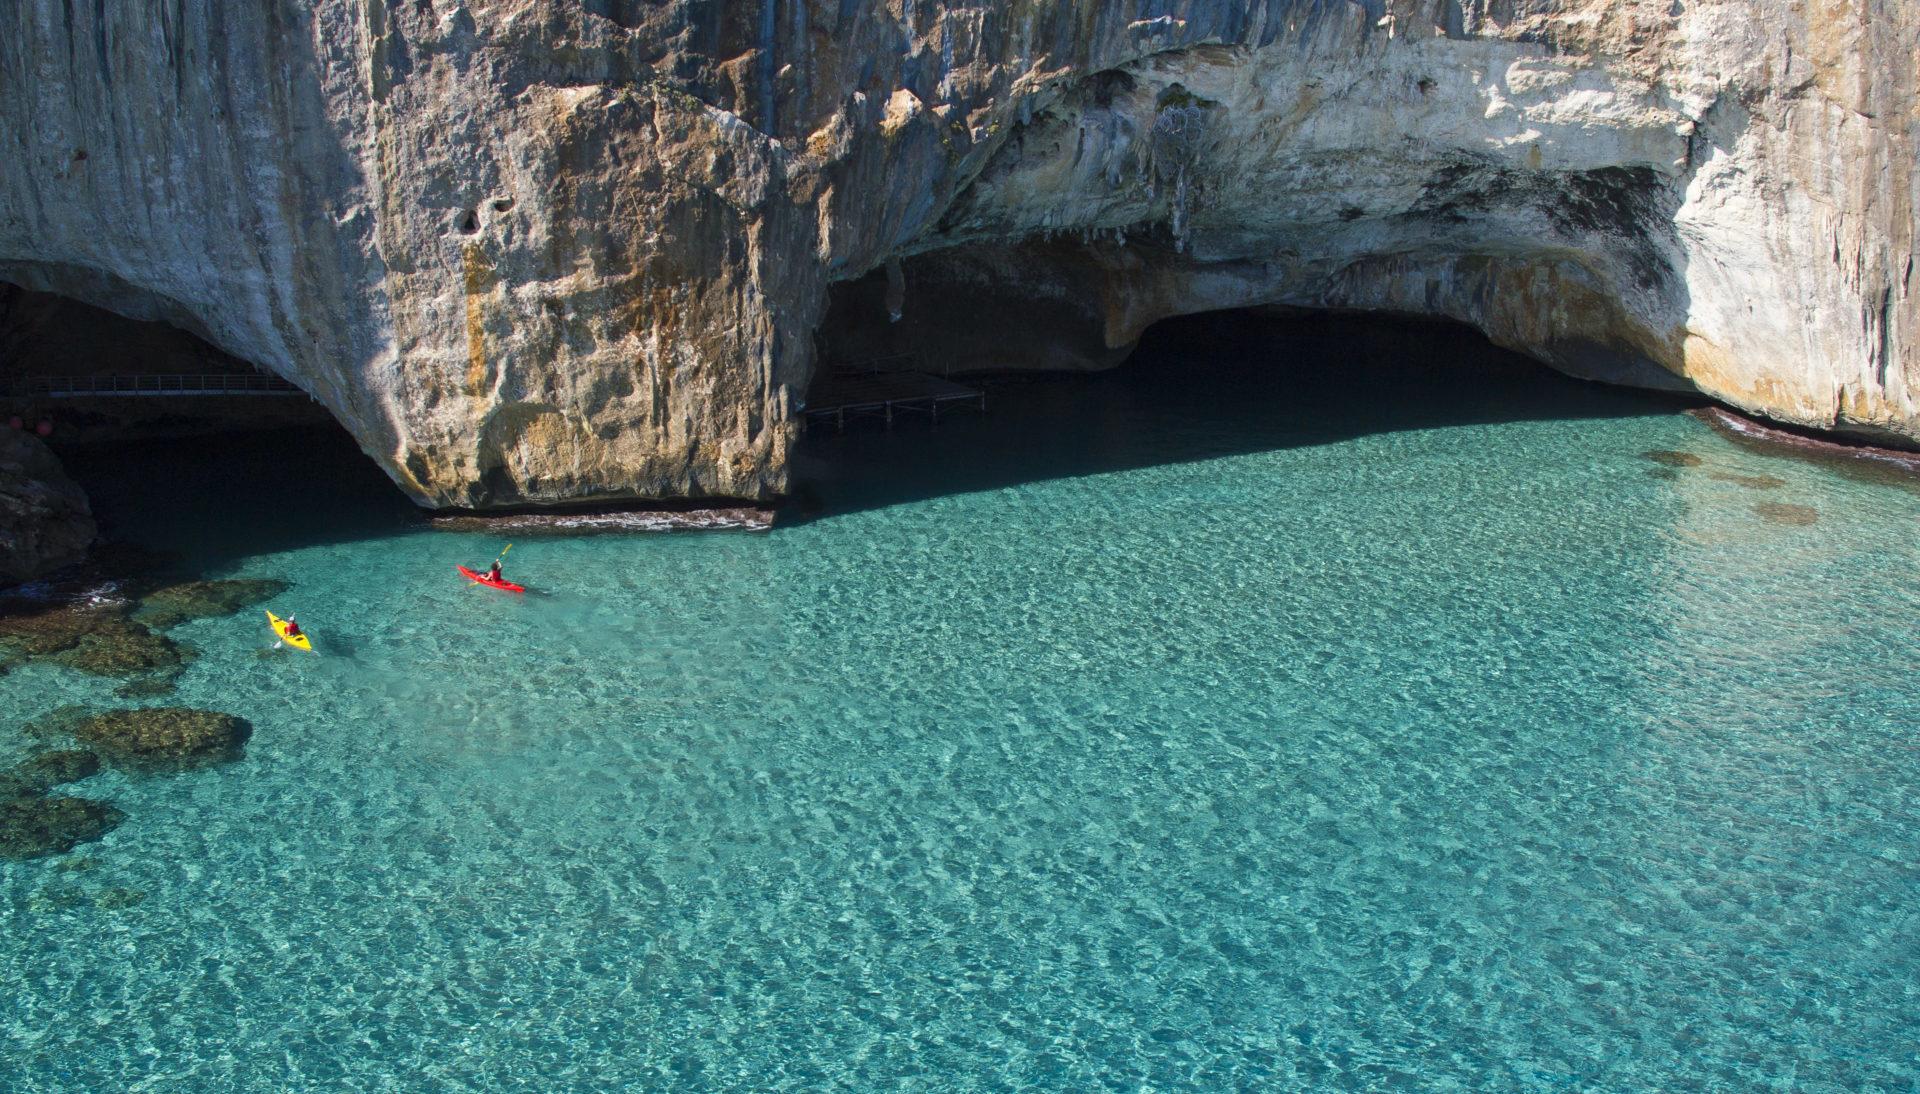 I nostri kayak alle Grotte del Bue Marino - Kayak Sardegna - Agenzia Prima  Sardegna | Cala Gonone